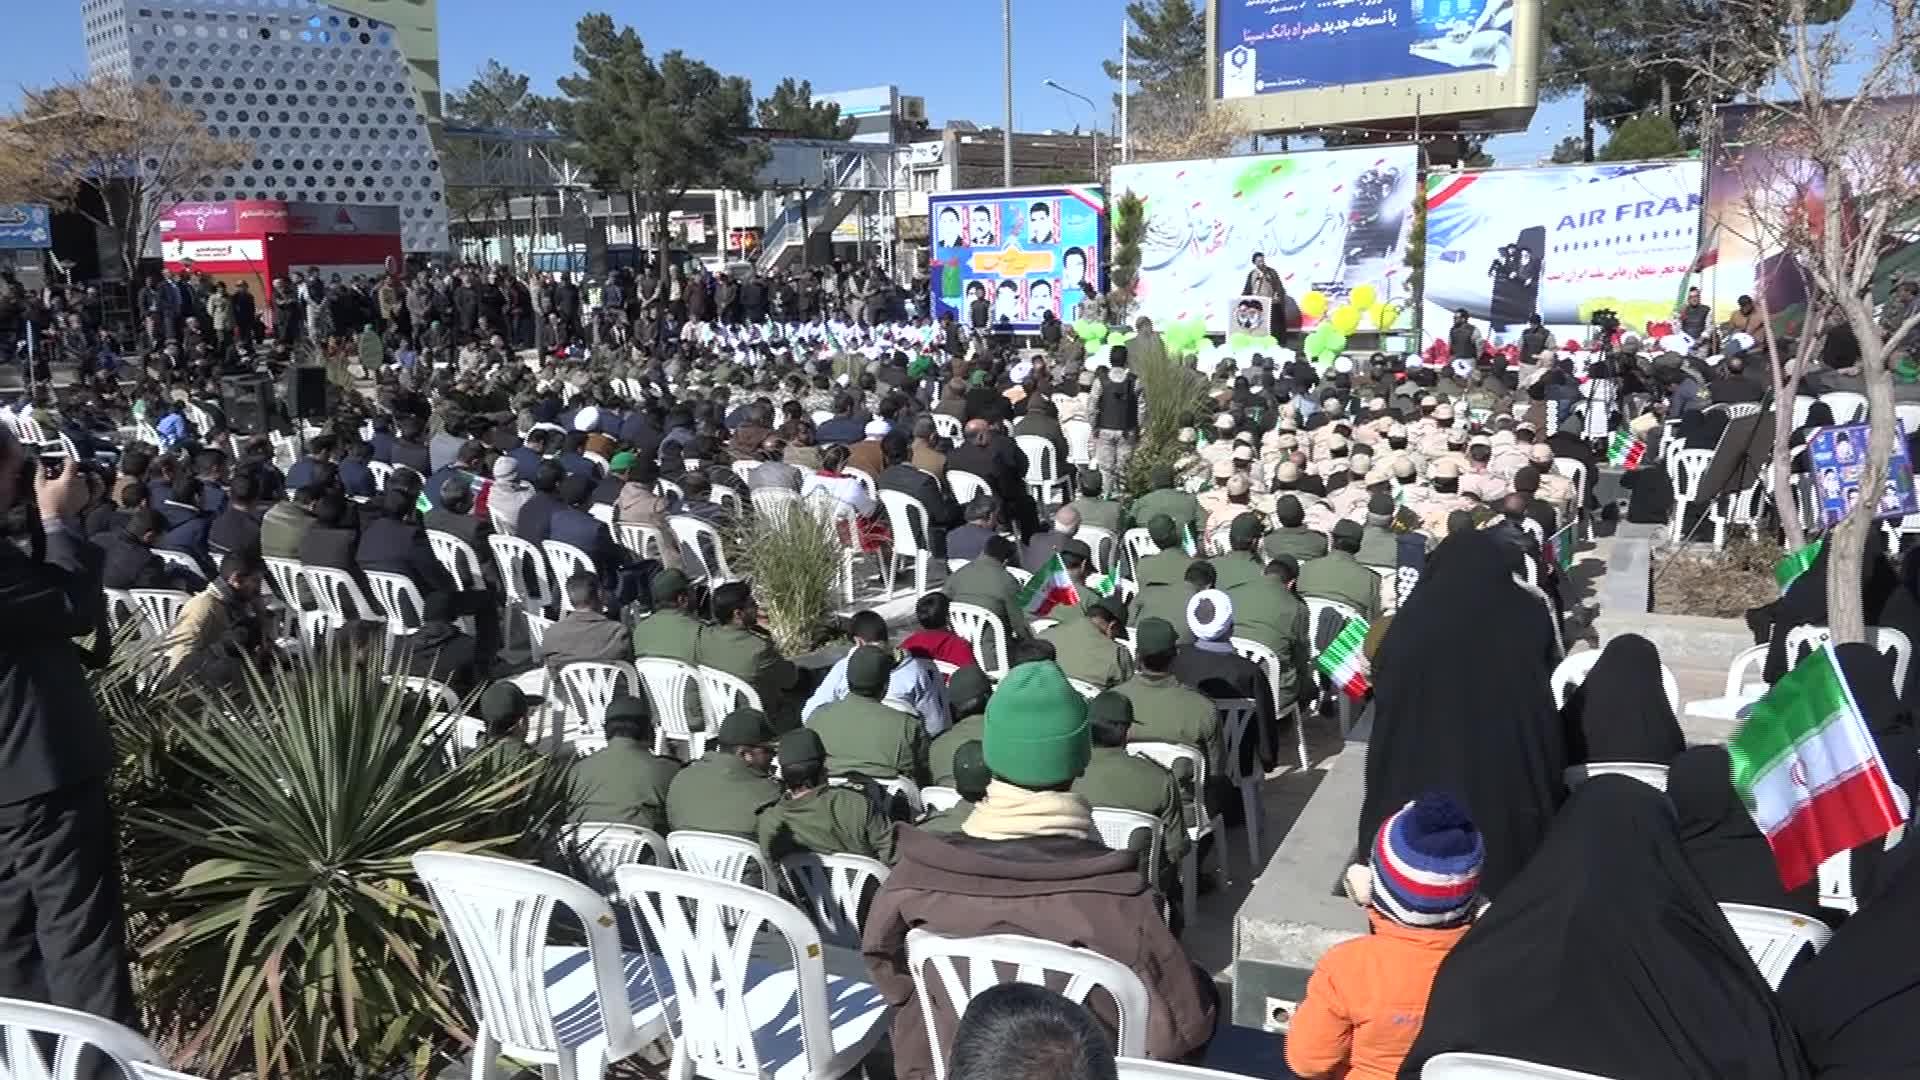 انگیزه امام خمینی تحقق اسلام و آرمانهای اسلام بود